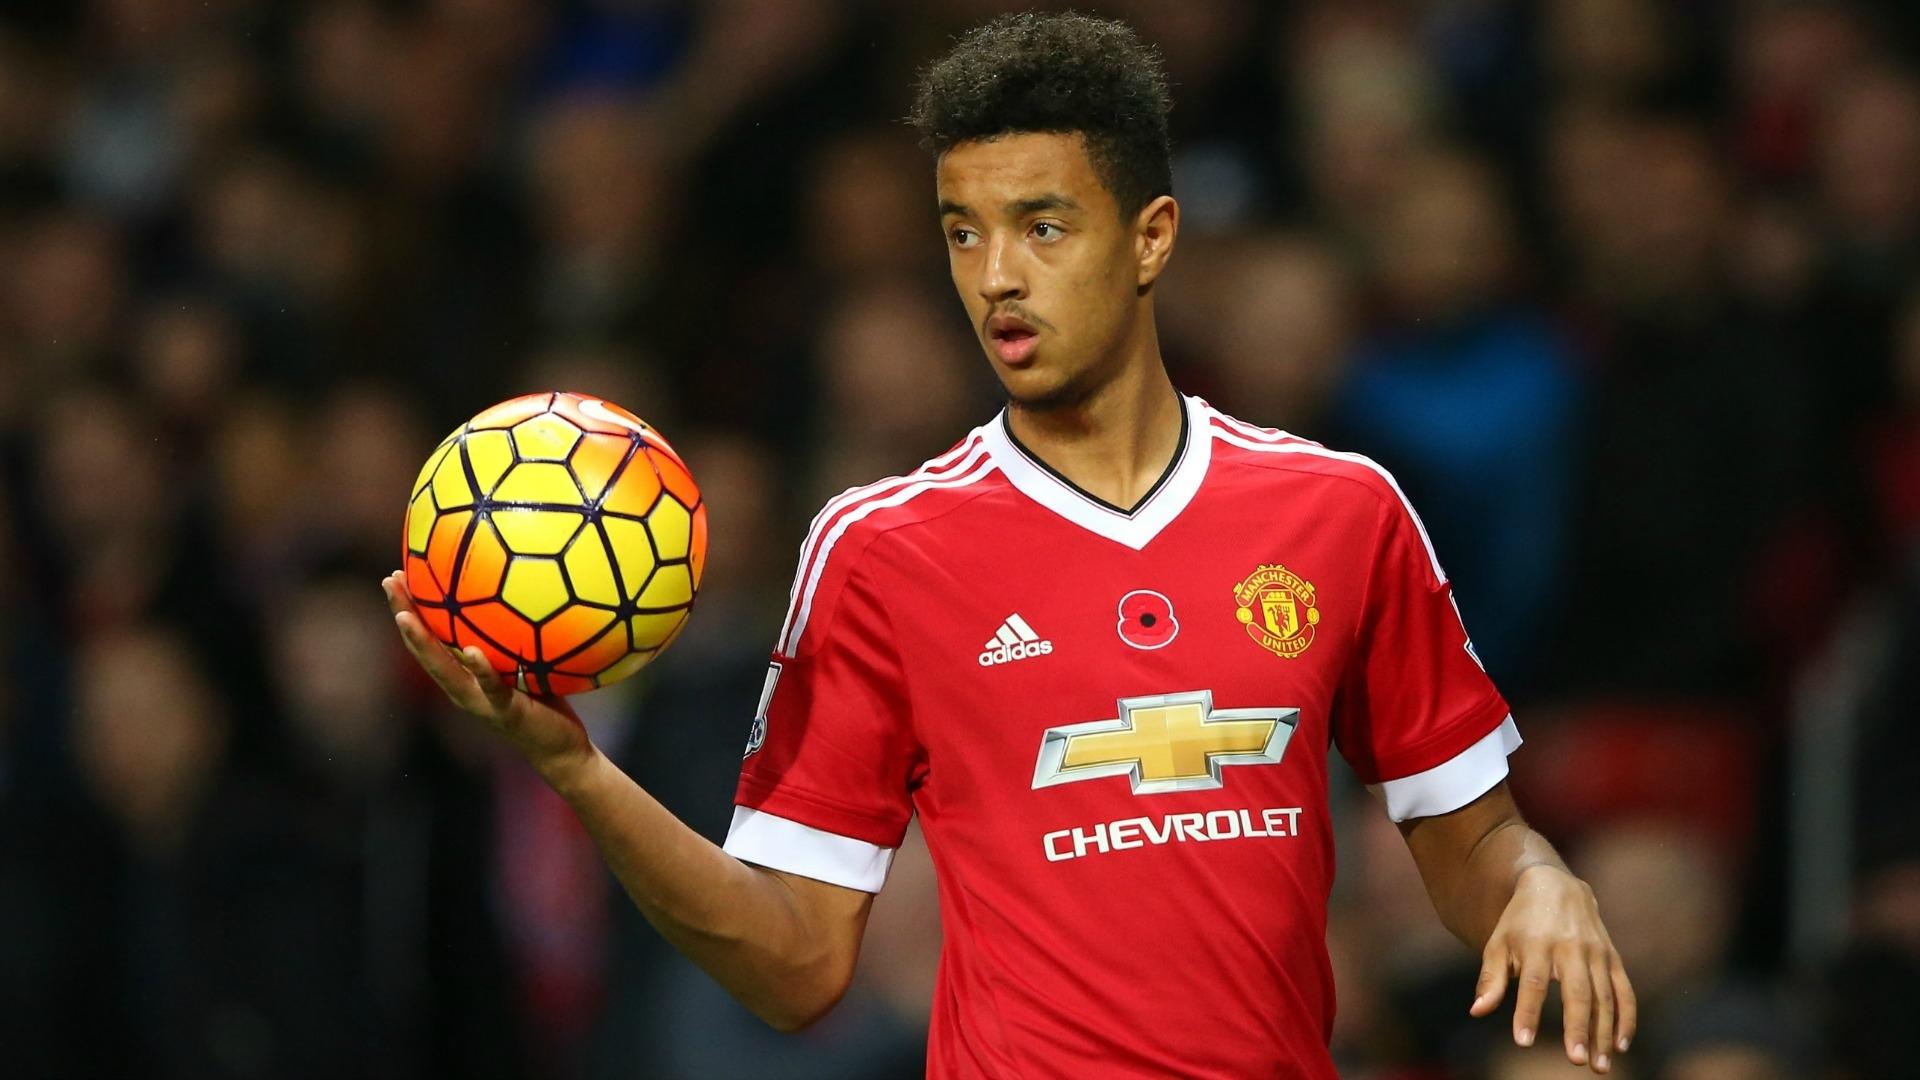 Calciomercato Manchester United, blindato Rashford: rinnovo fino al 2020